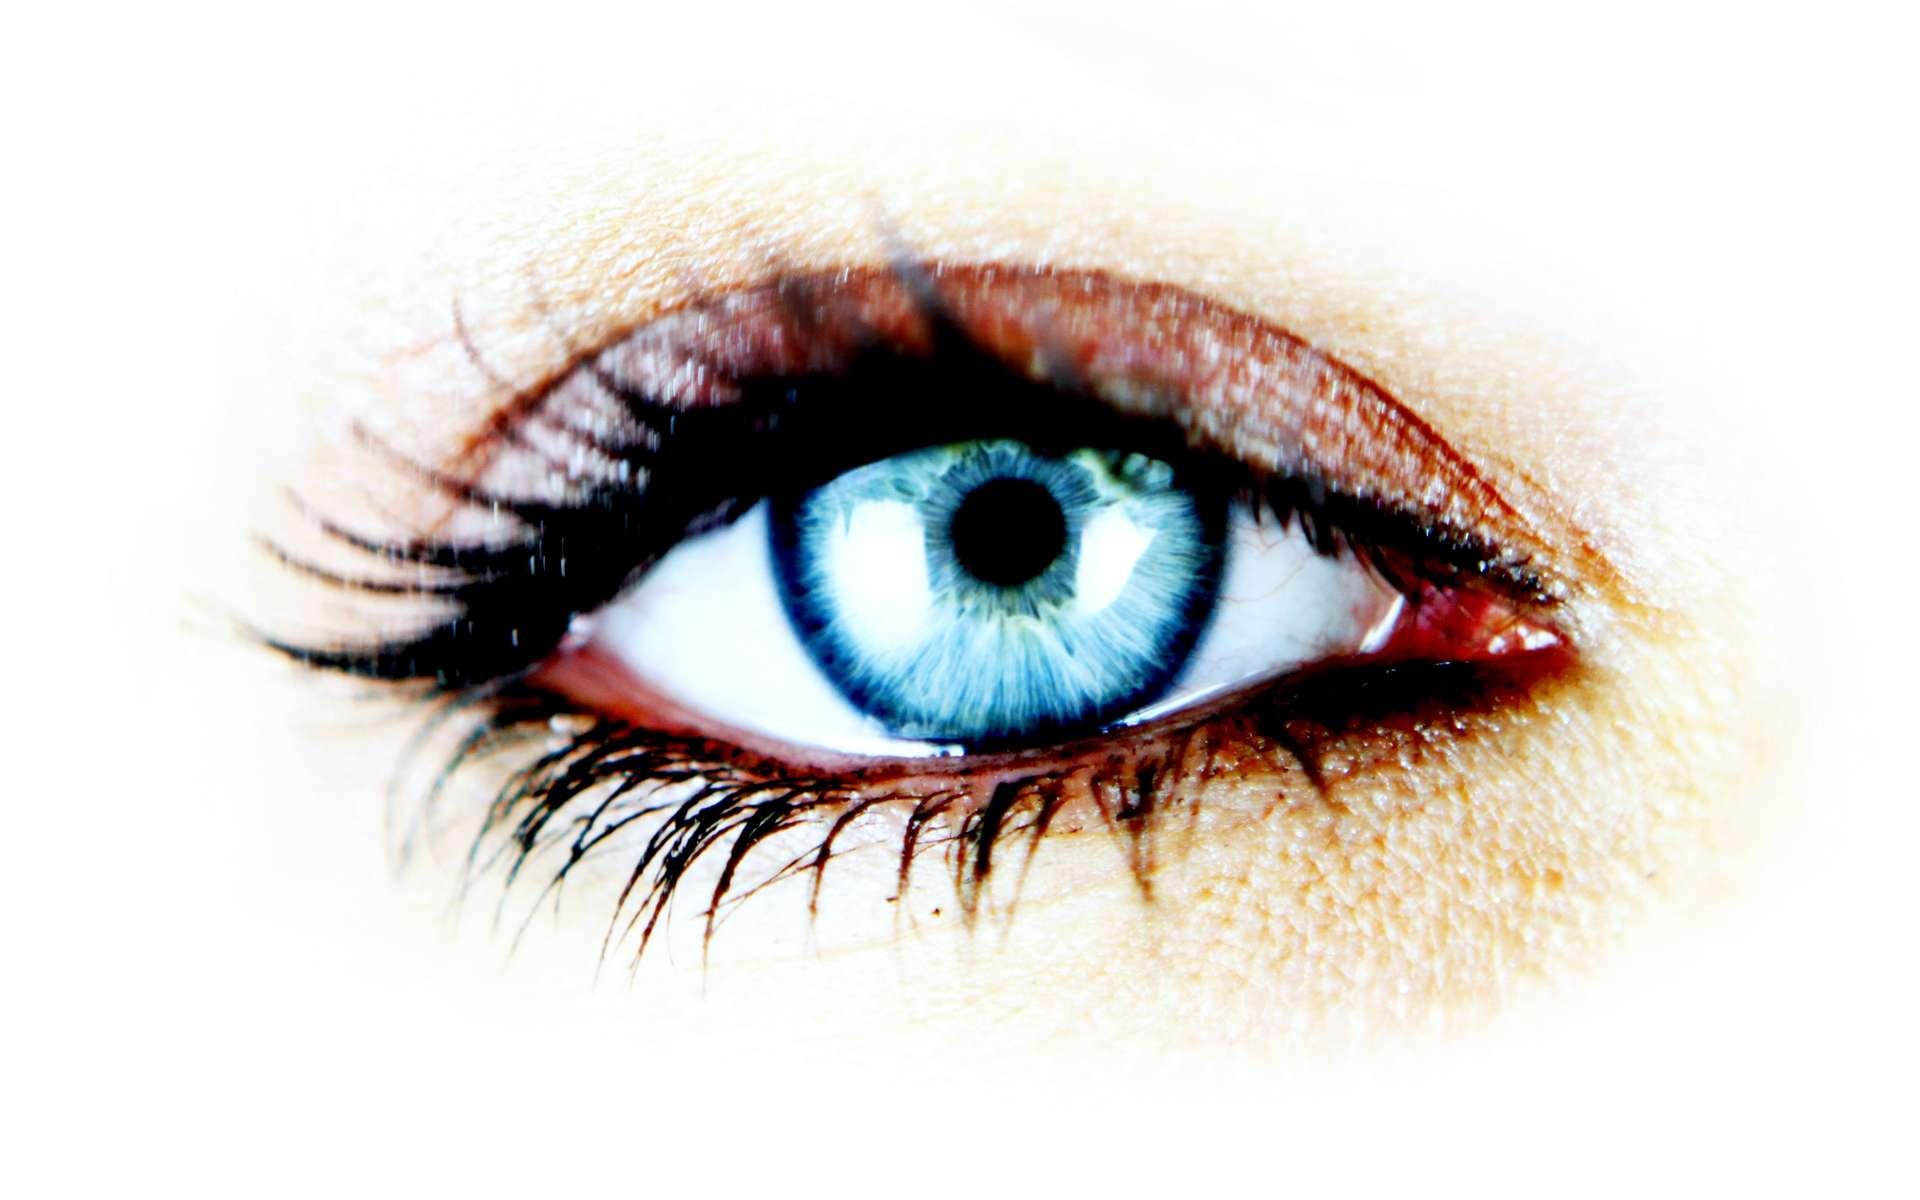 Les yeux secs, une gêne oculaire... qui peut conduire à une inflammation. © Phovoir